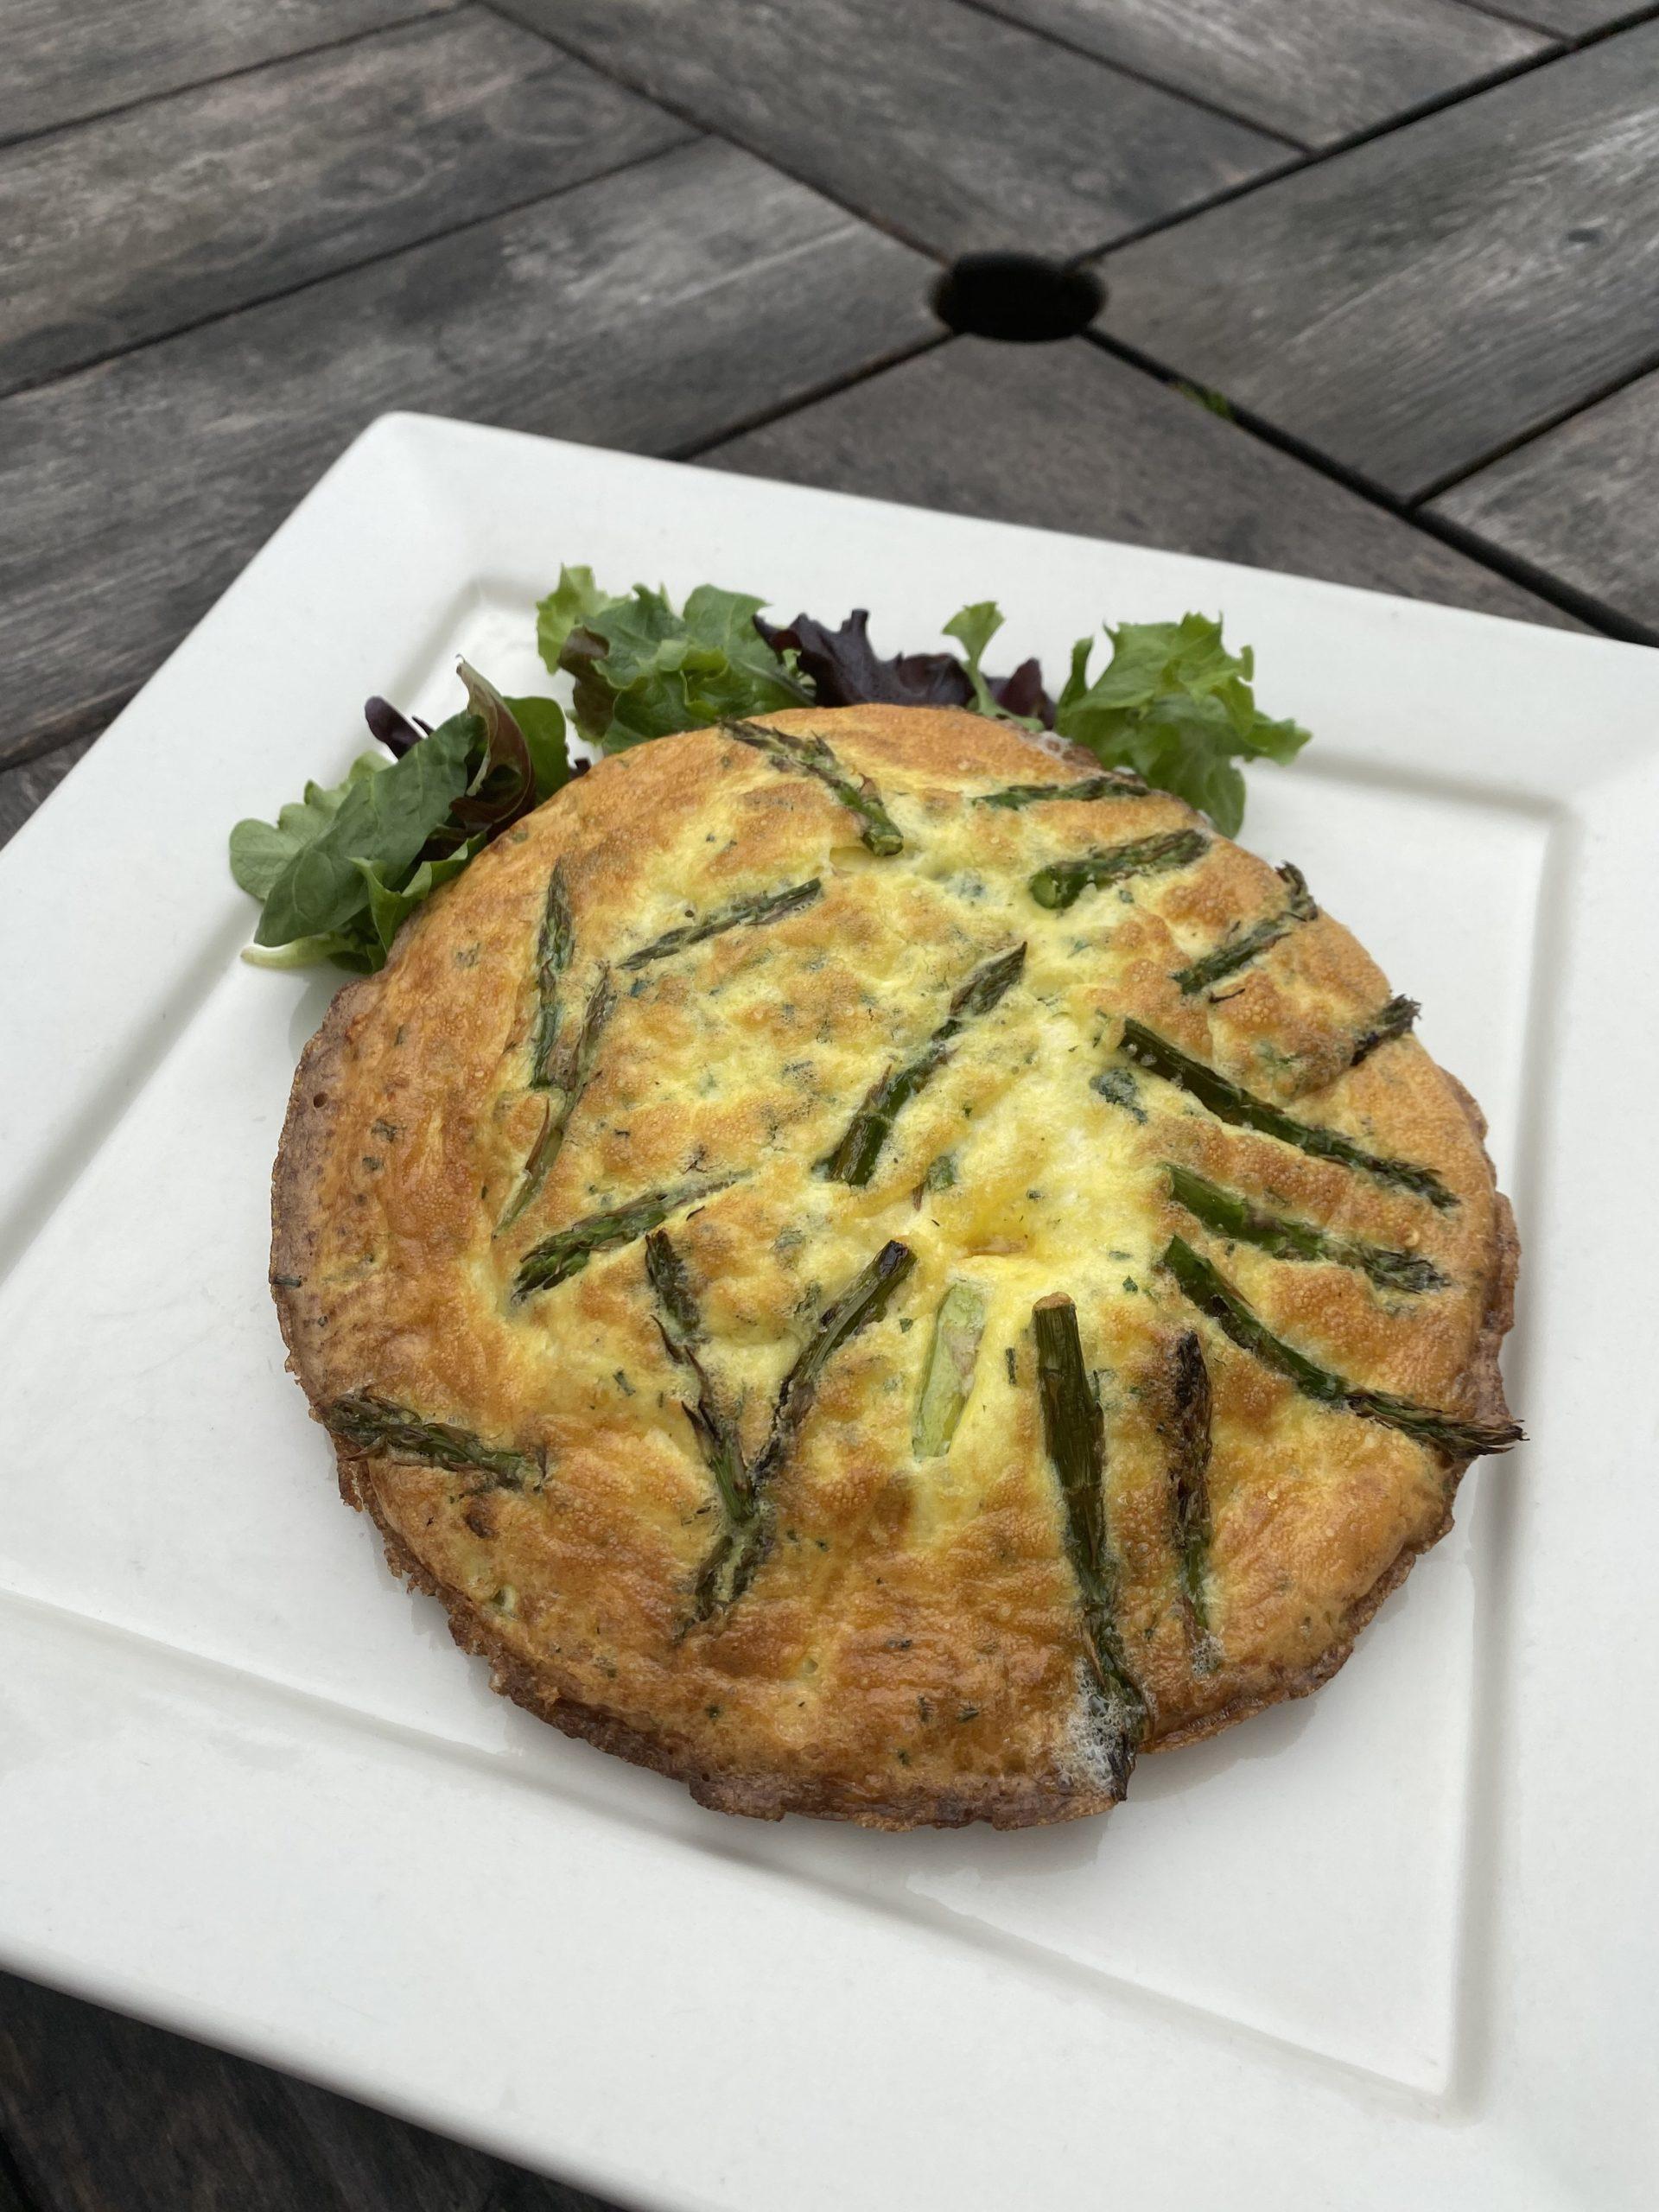 The asparagus fritatta from The Mill House Inn.